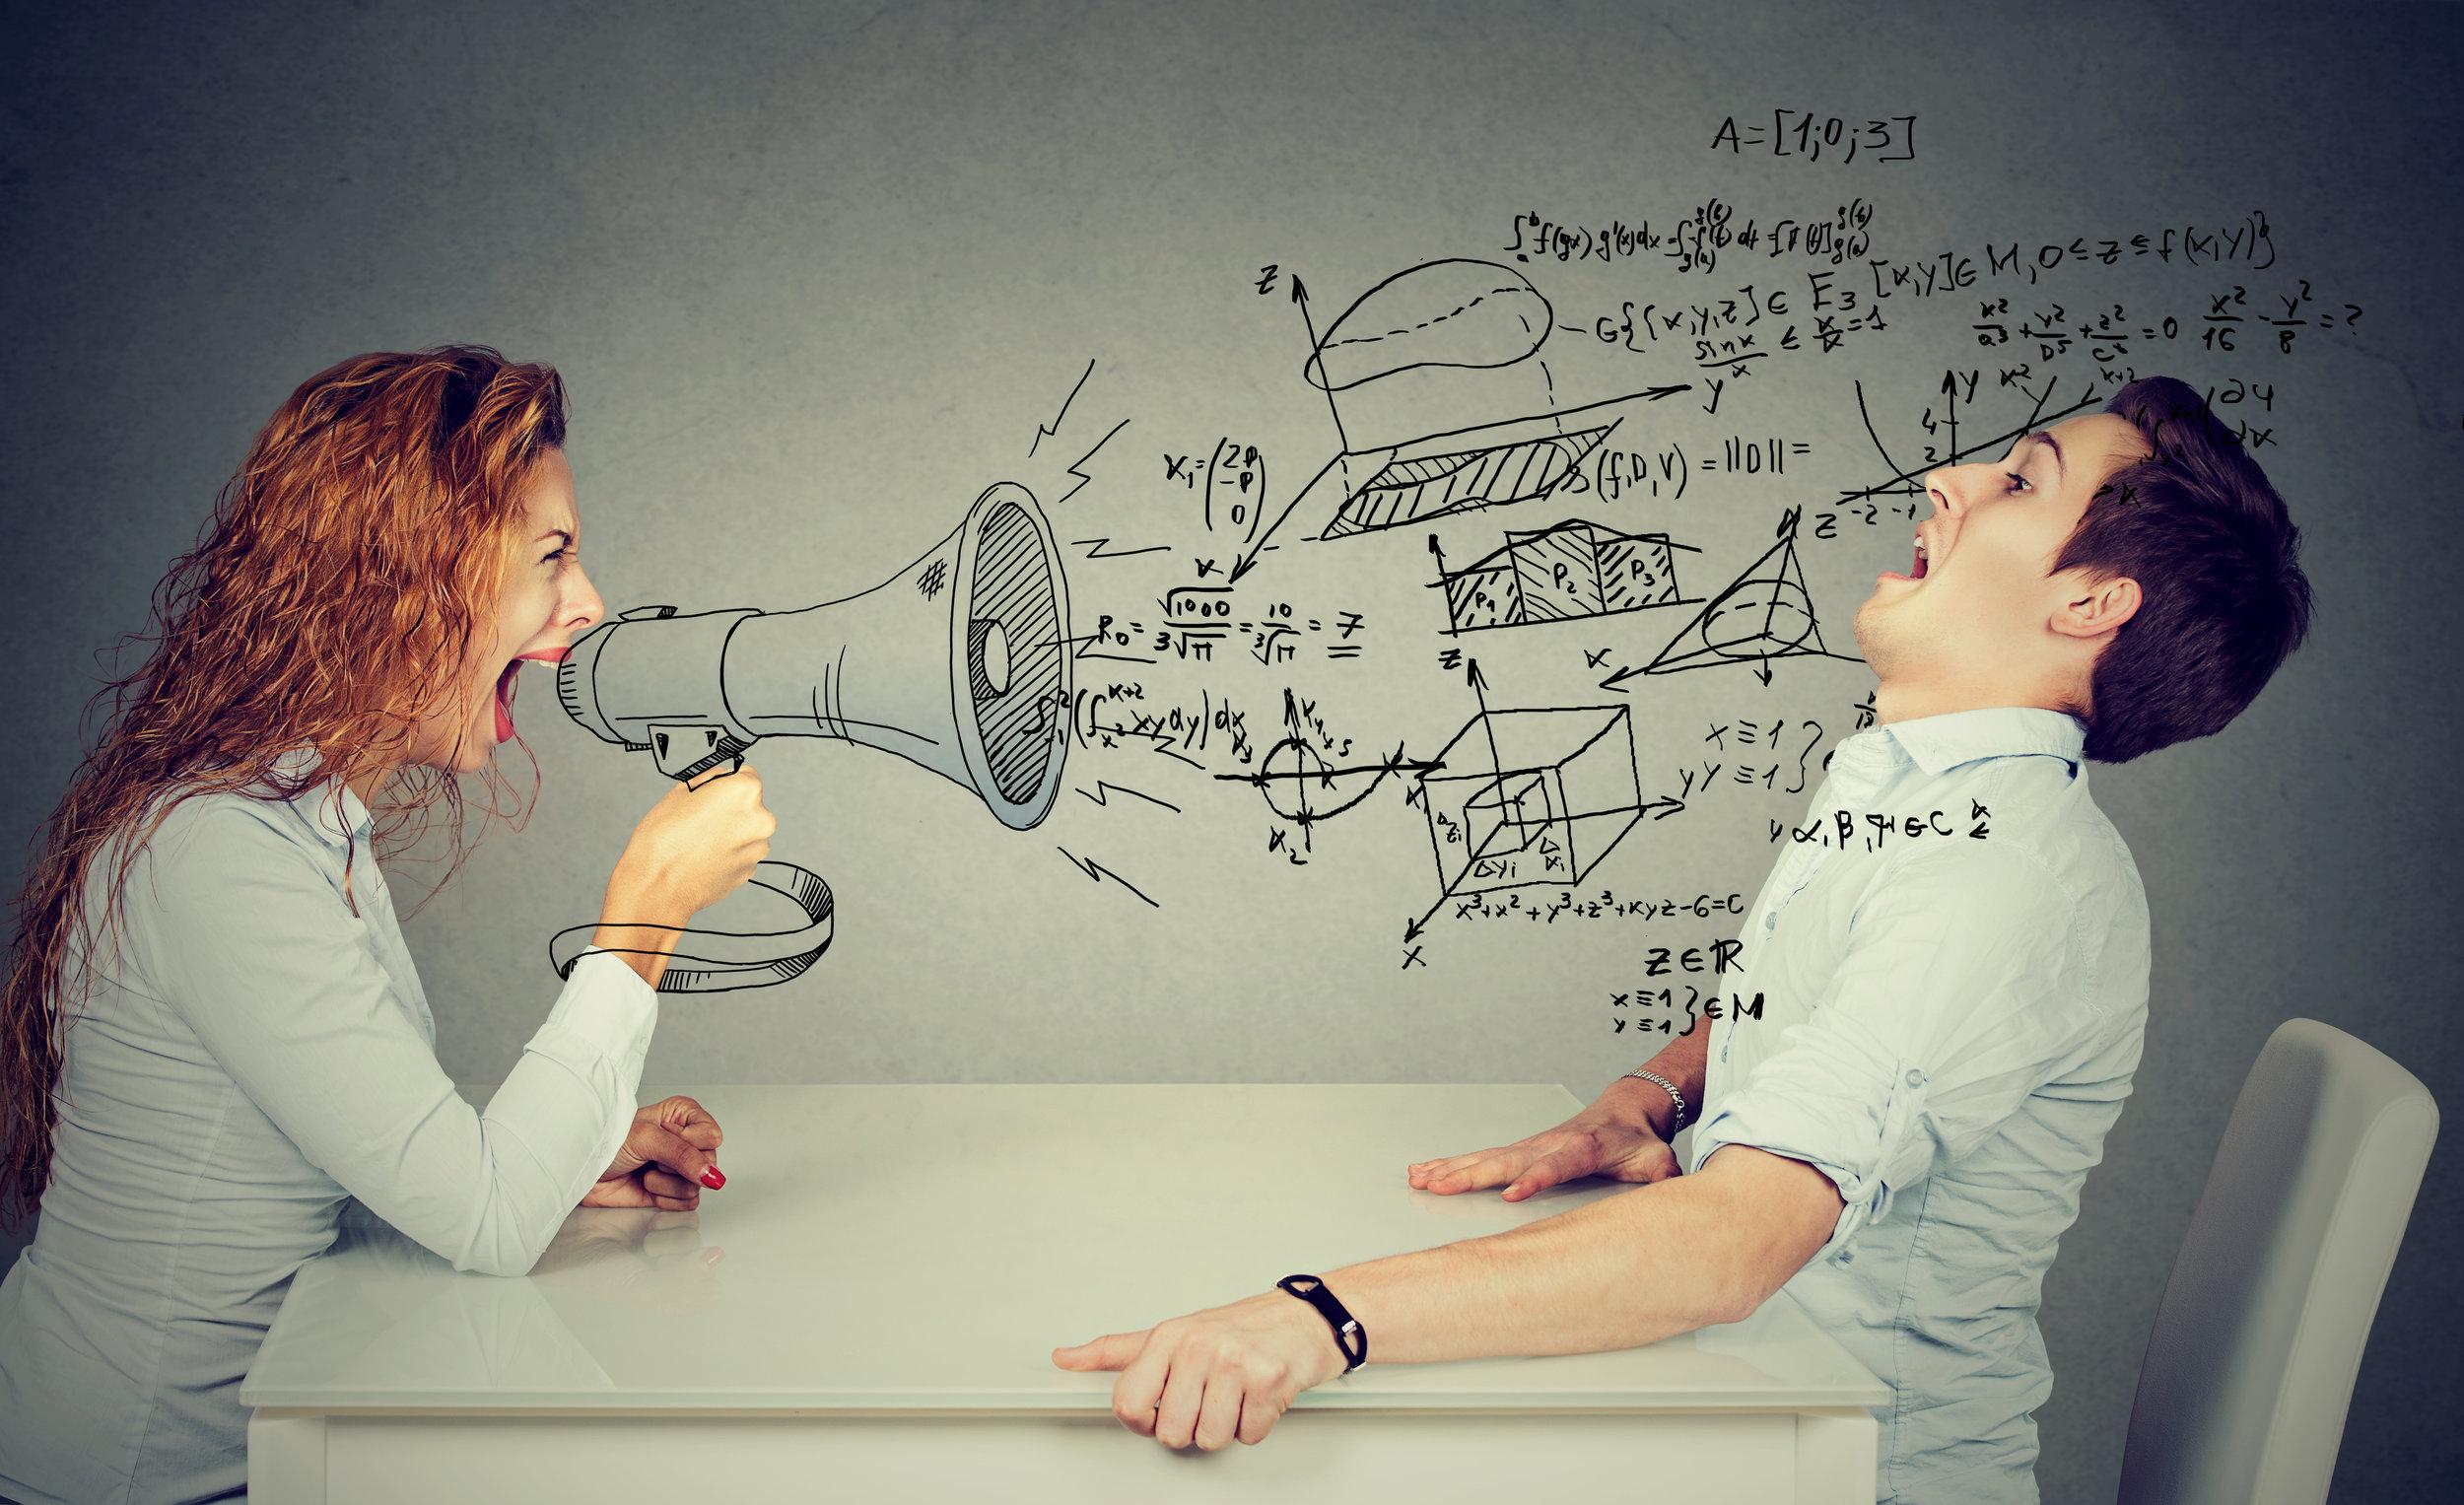 aimez-vous-le-marketing-poussif-sylvie-gendreau-le-laboratoire-créatif